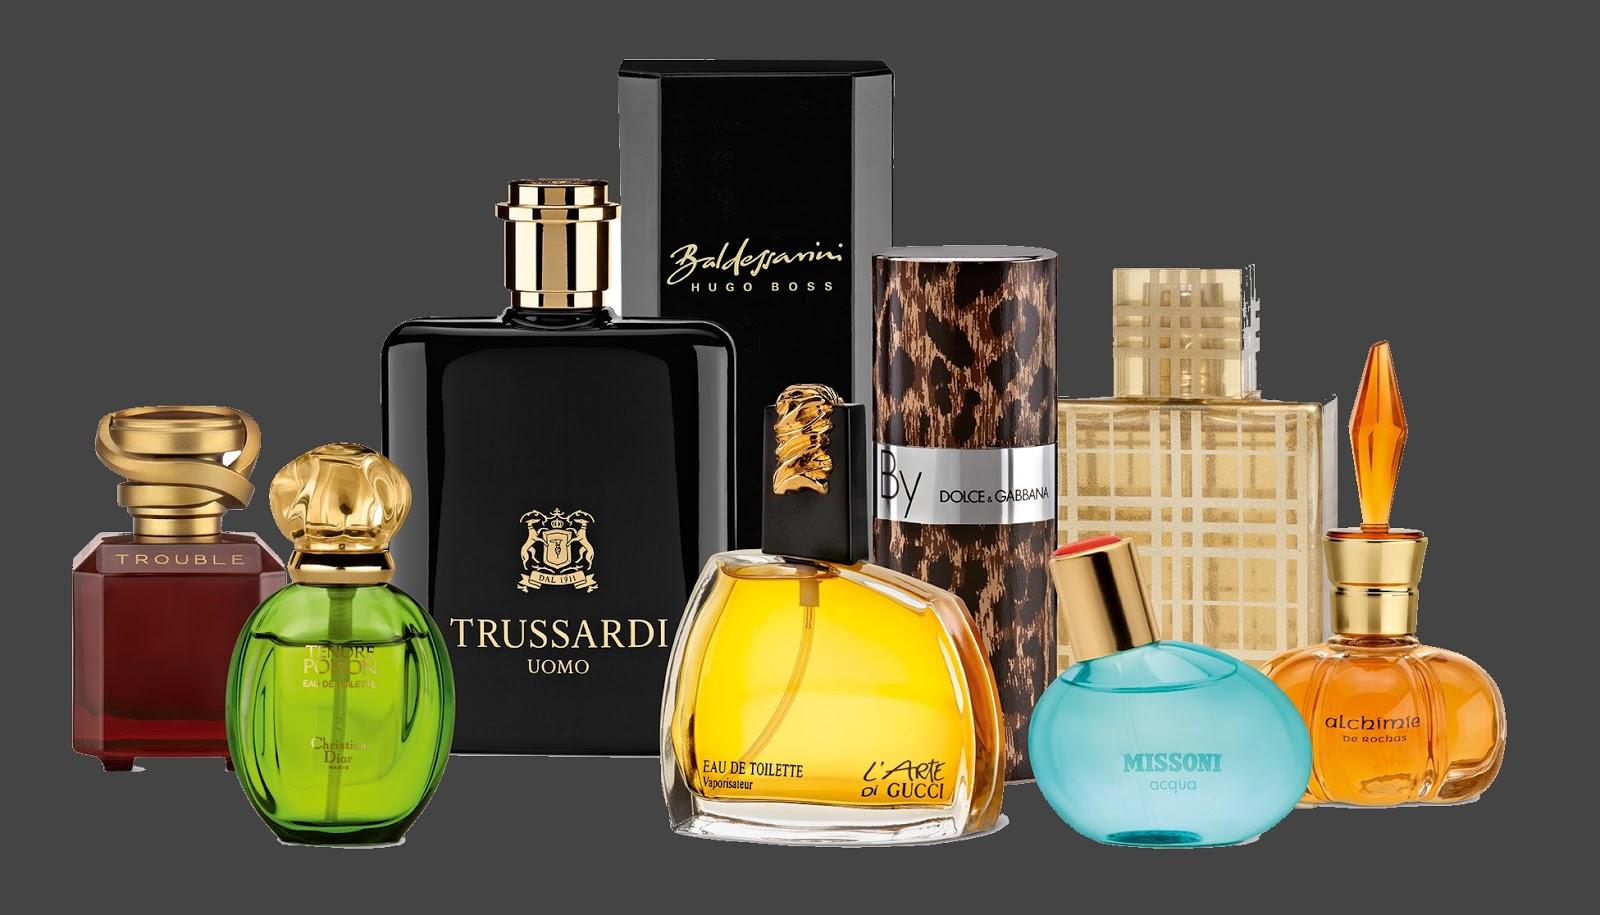 Perfumowe zakupy czyli sprzedawcy nie dali się oszukać :(